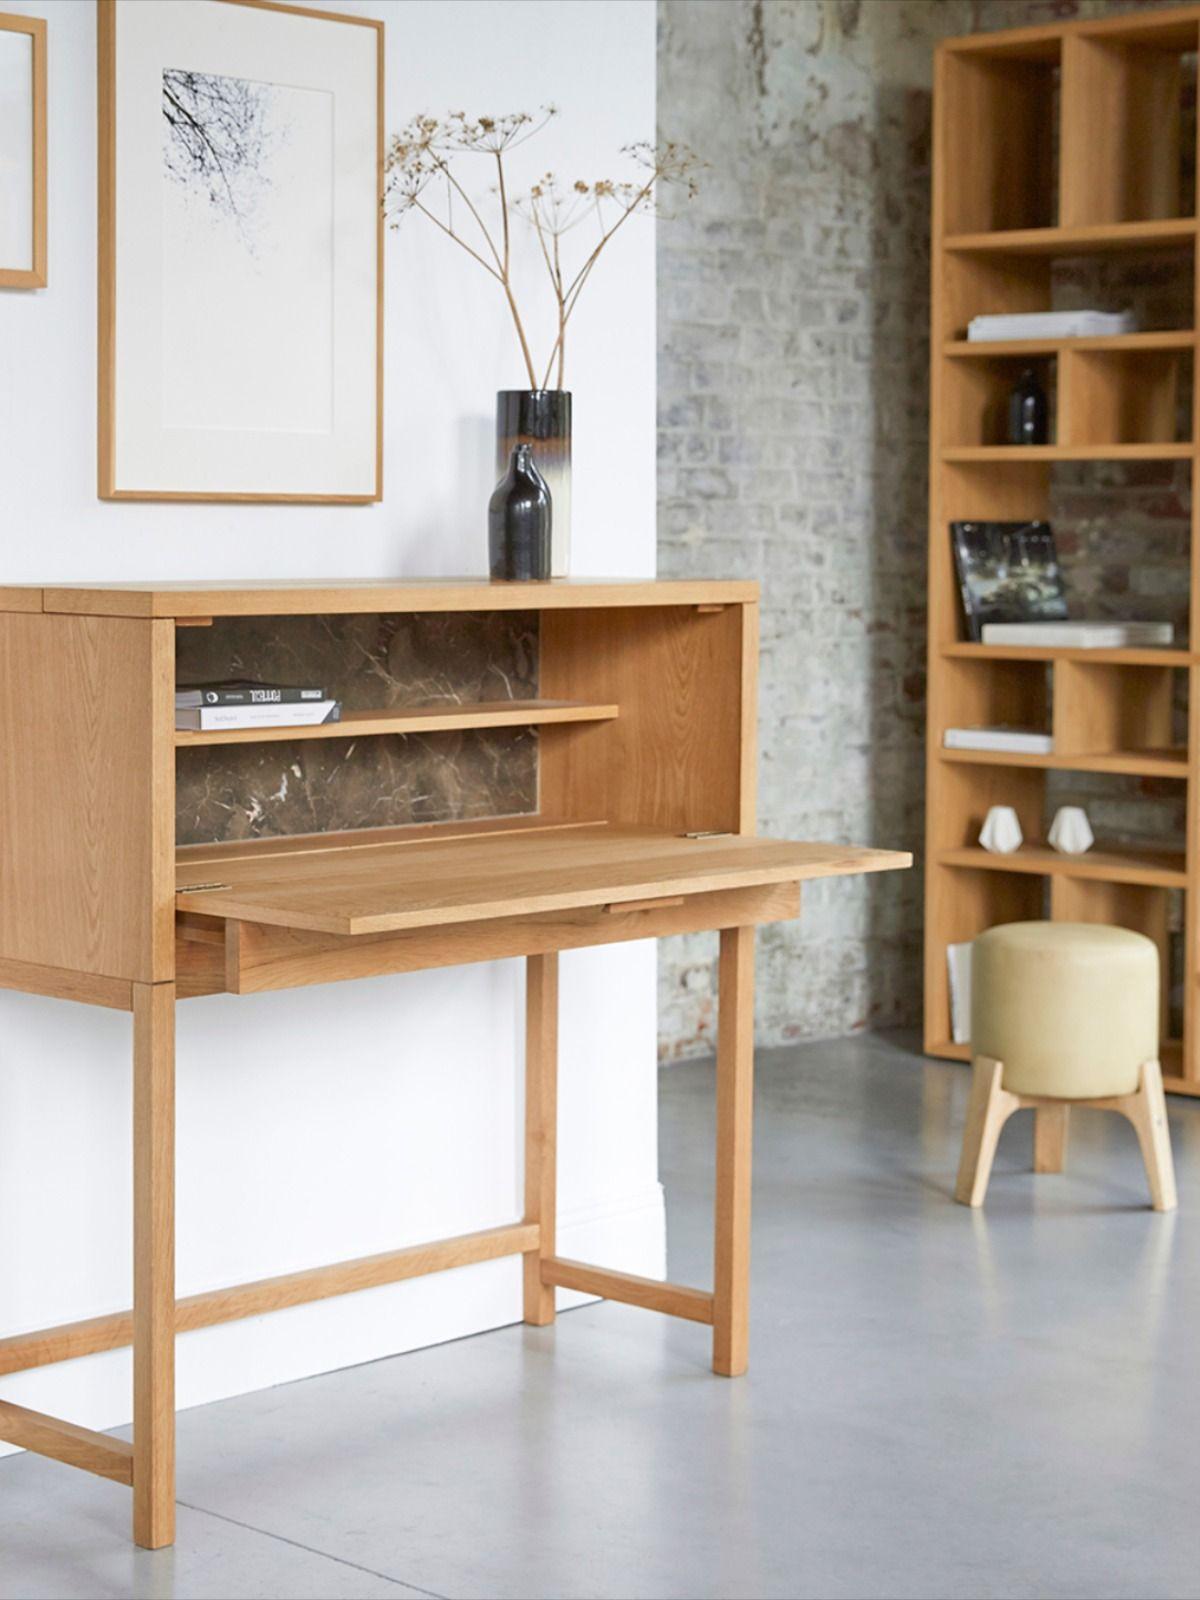 Bureau En Chene Et Marbre 110 Cm Meubles Pour La Chambre Tikamoon En 2020 Marbre Mobilier De Salon Bureau